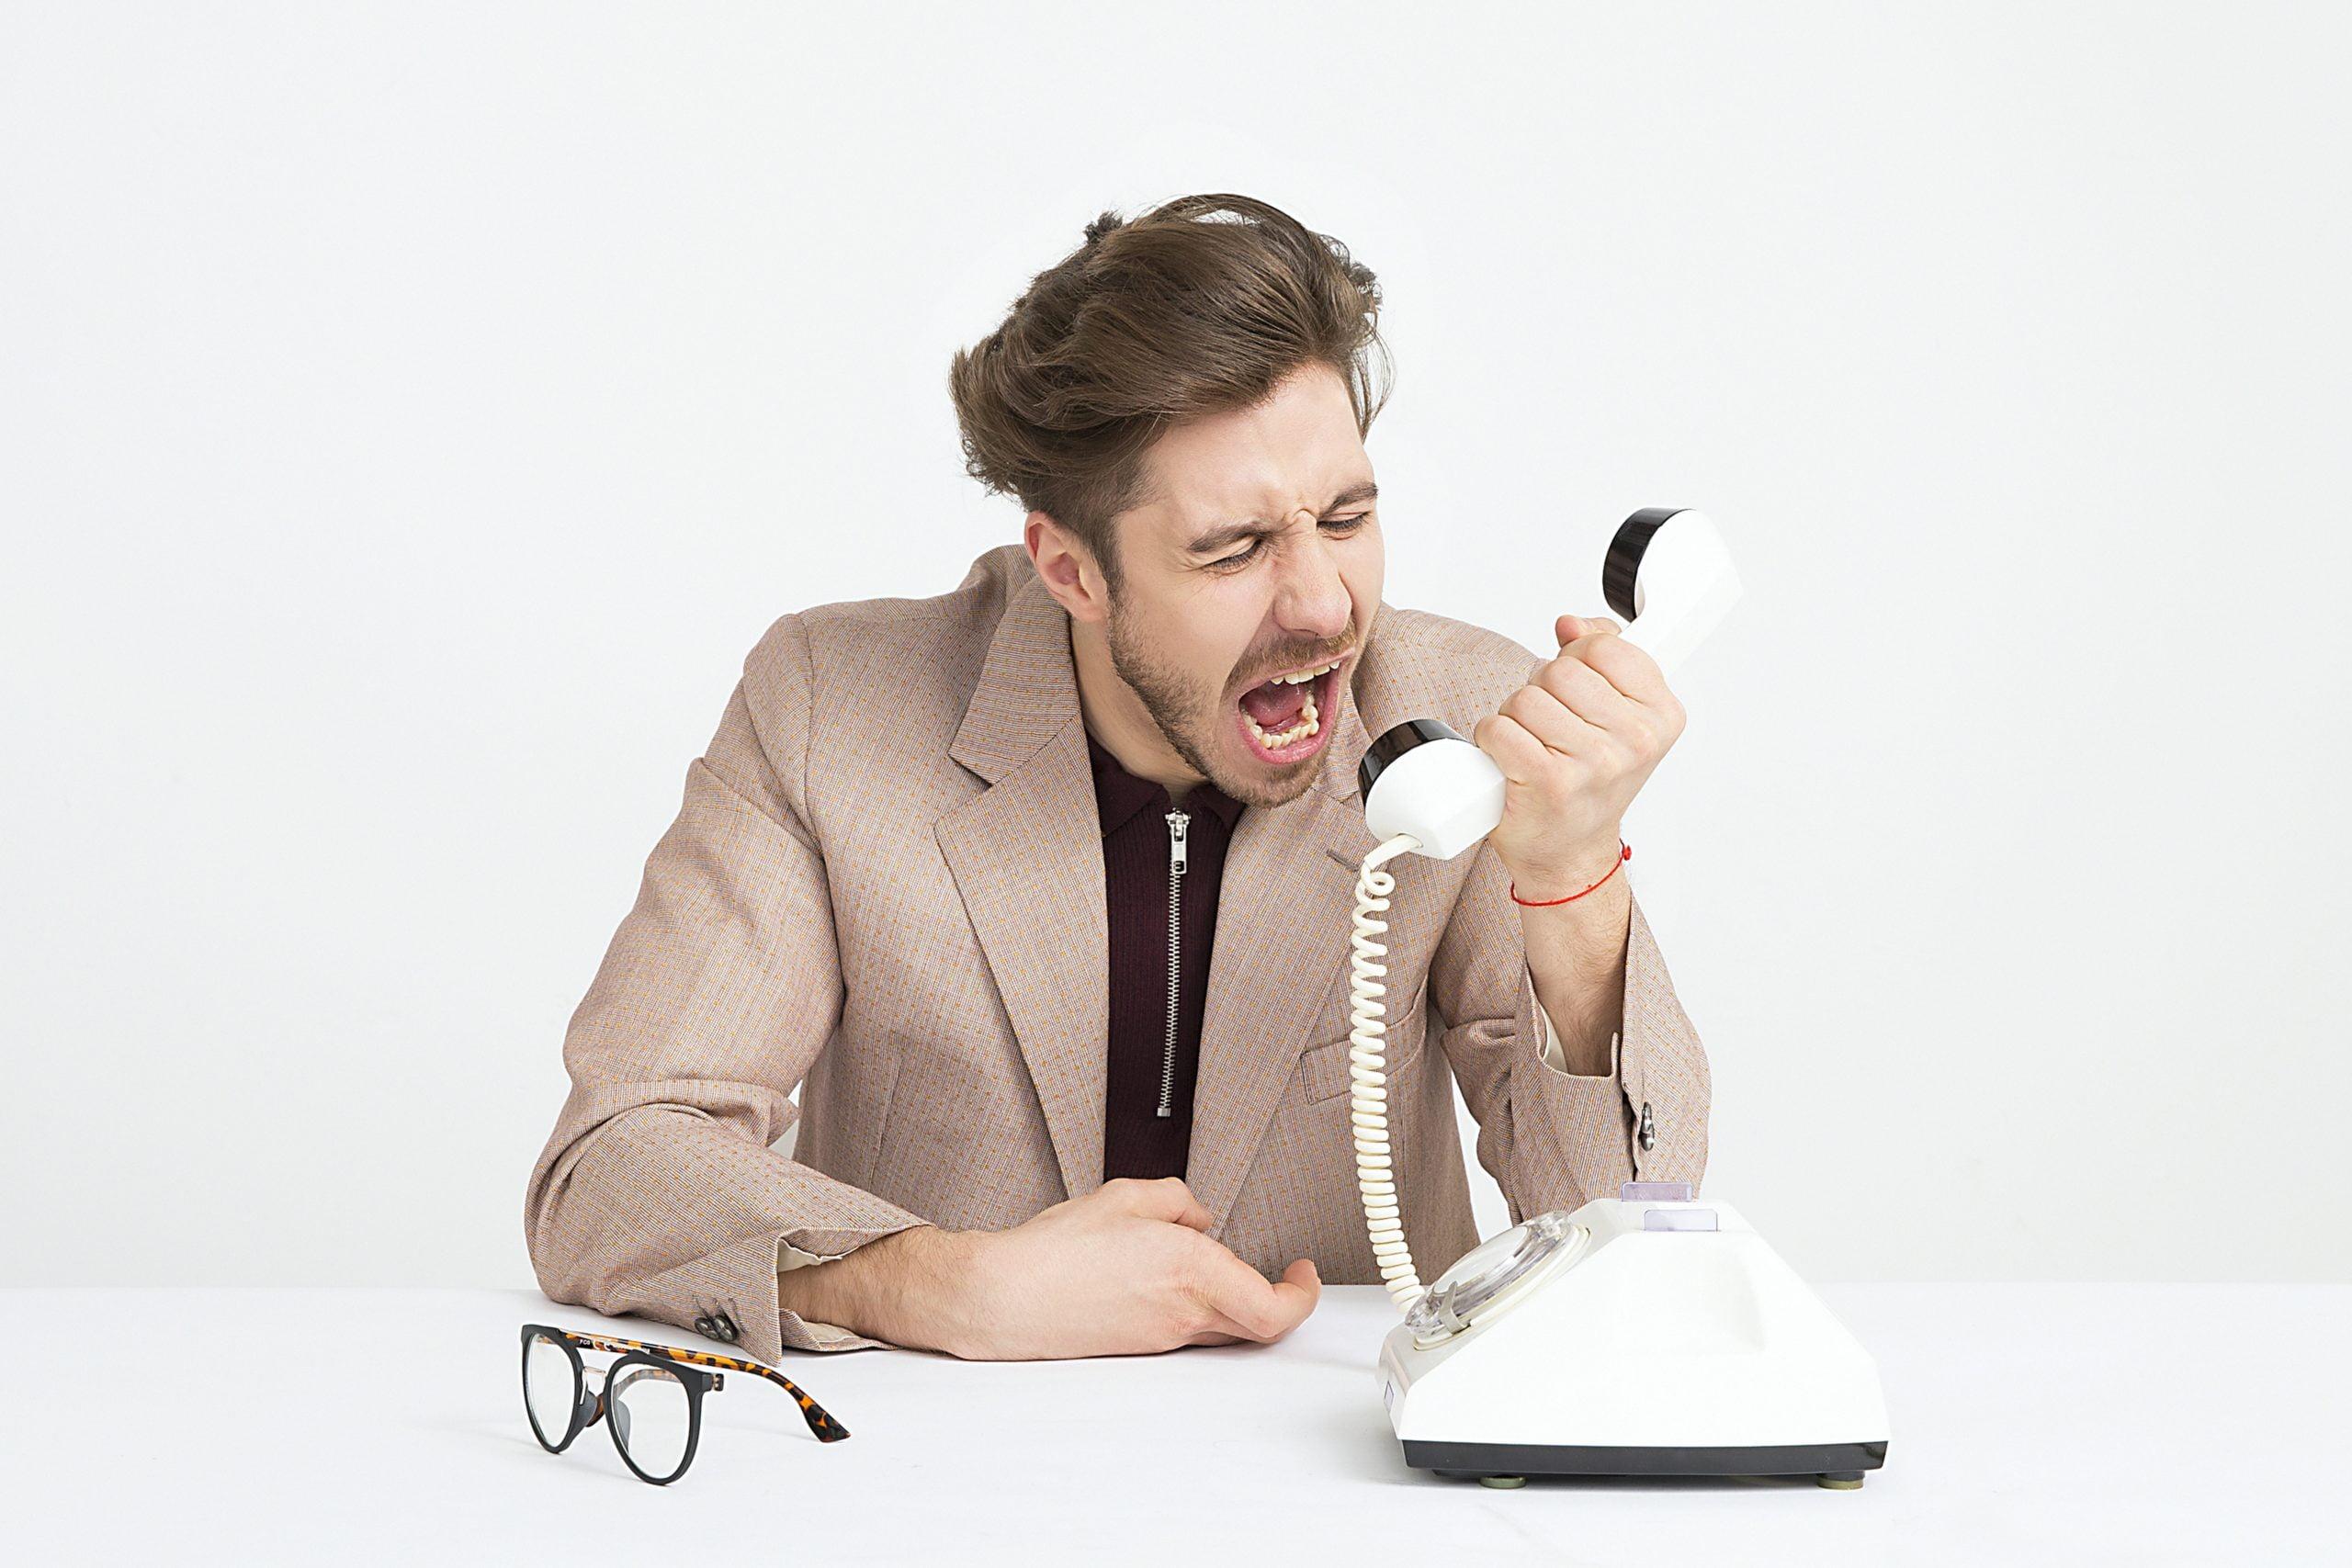 marketing scam call